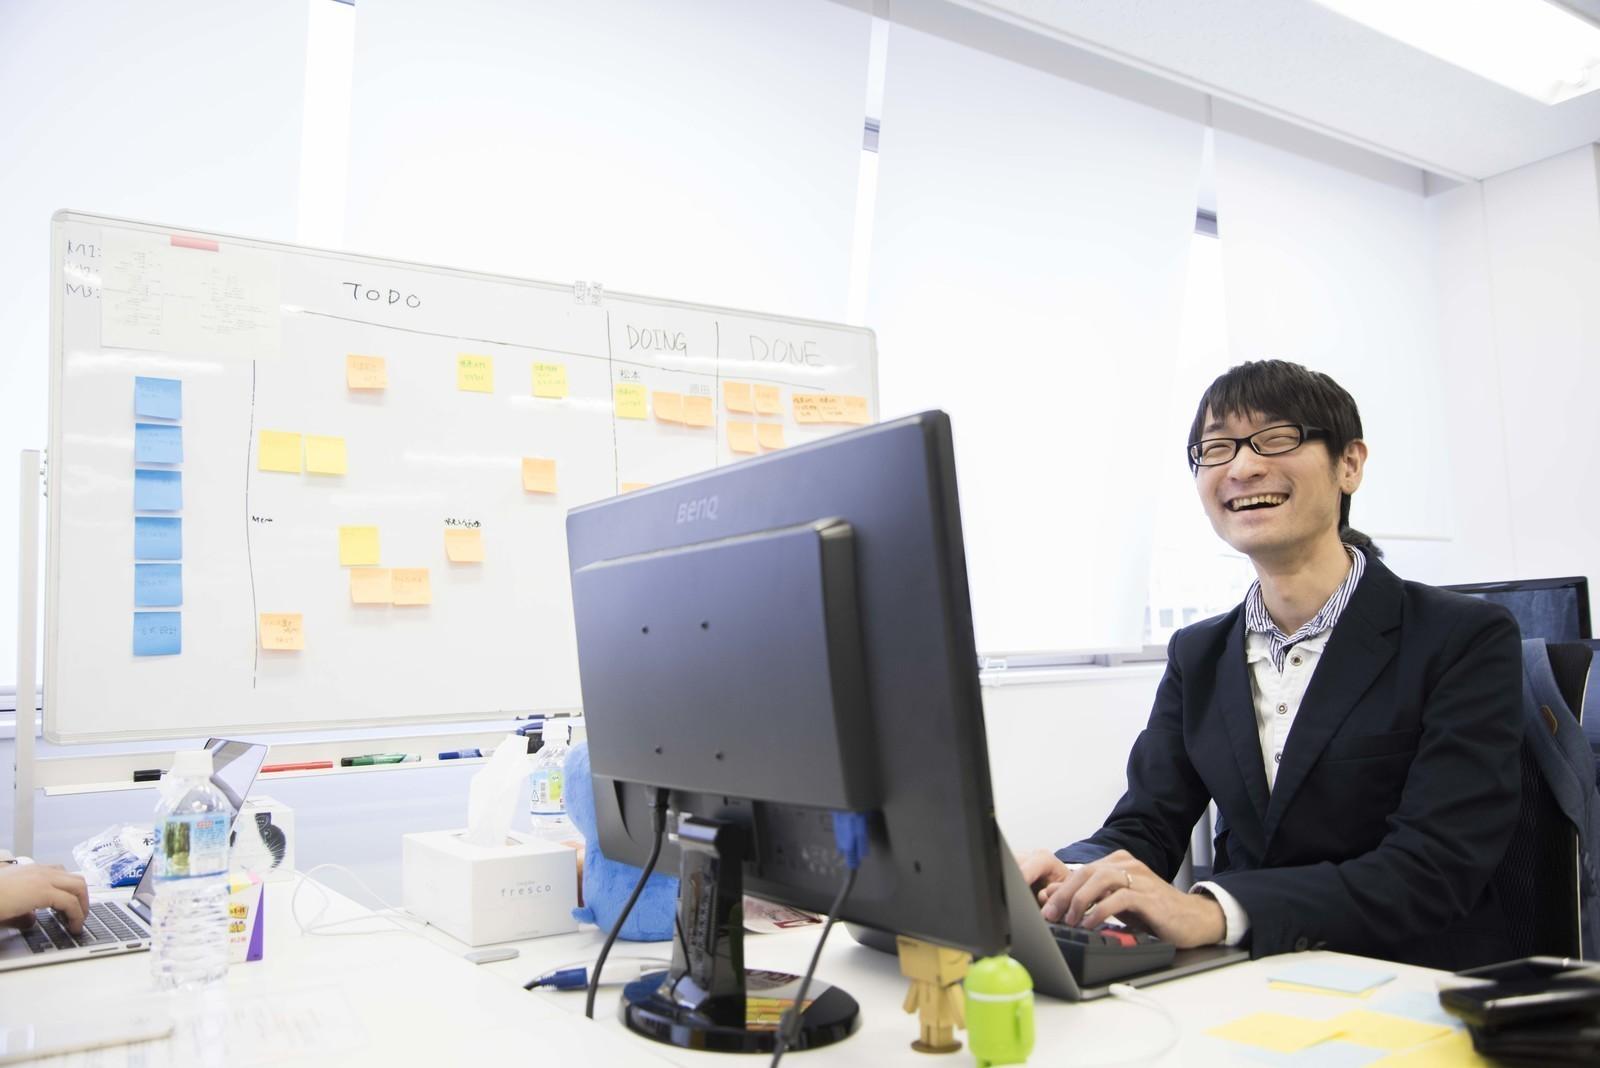 【SI経験者歓迎!】Java経験を活かして自社サービス開発にチャレンジするScalaエンジニア募集!